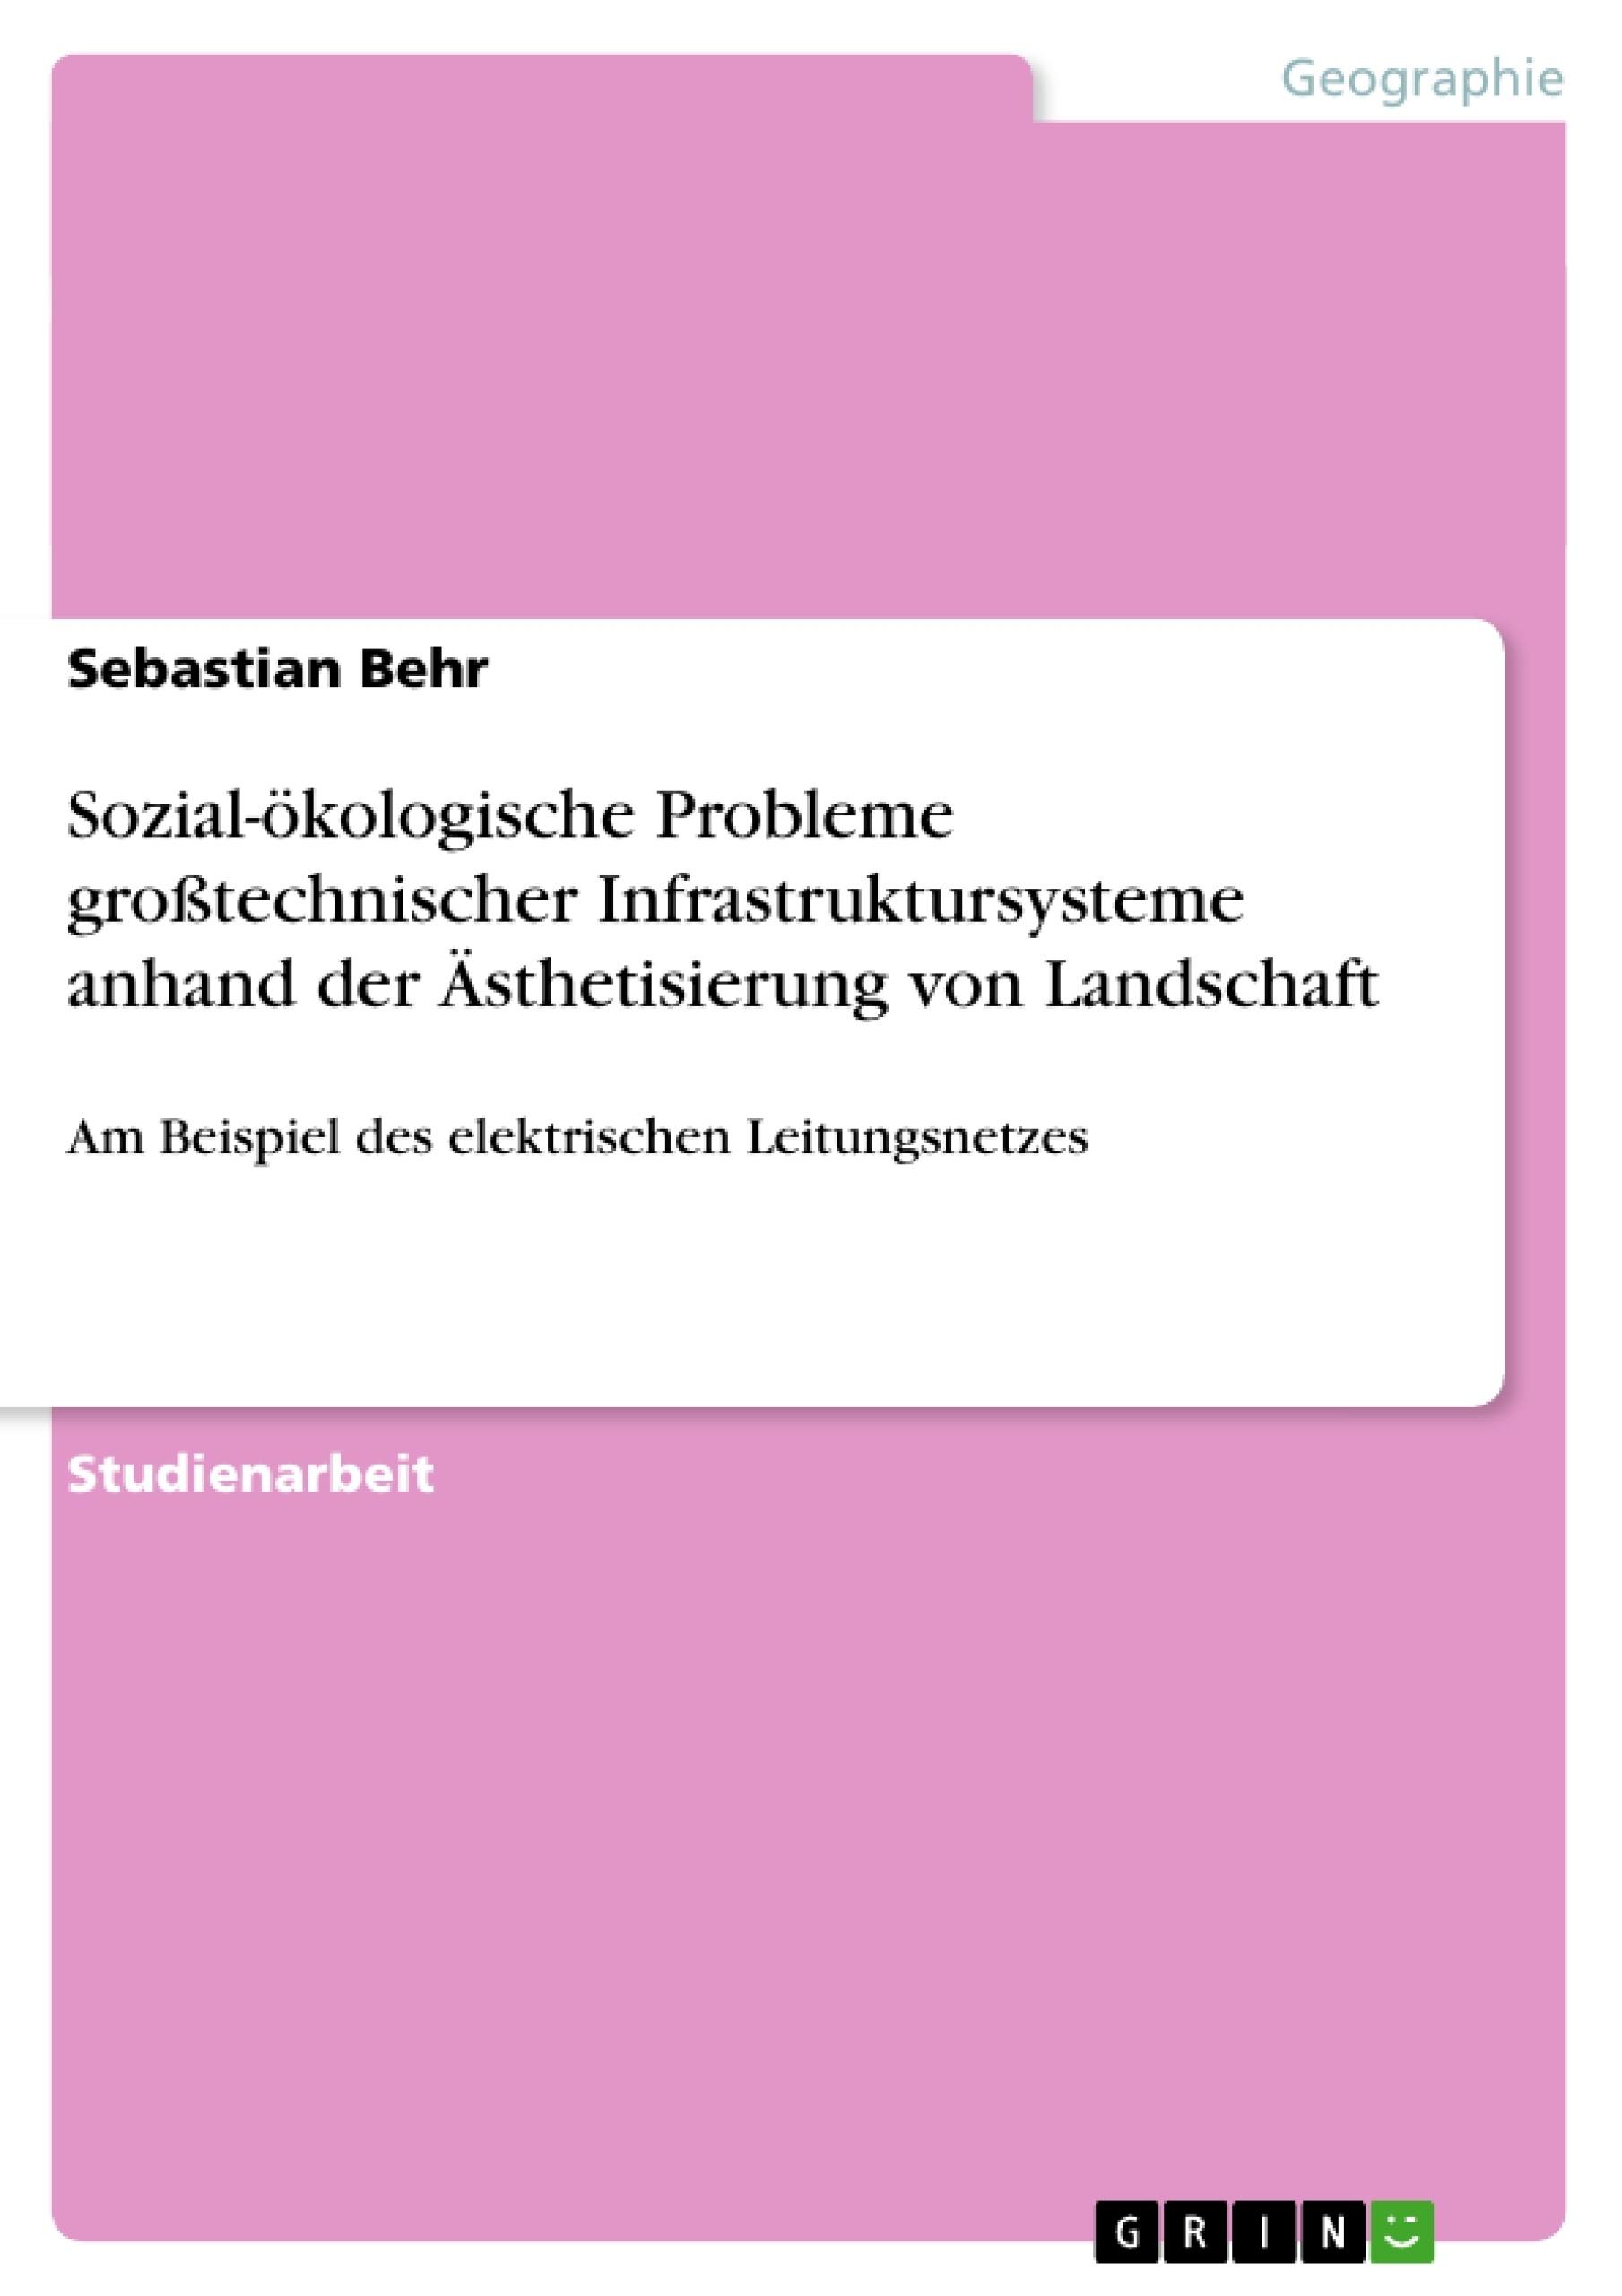 Titel: Sozial-ökologische Probleme großtechnischer Infrastruktursysteme anhand der Ästhetisierung von Landschaft